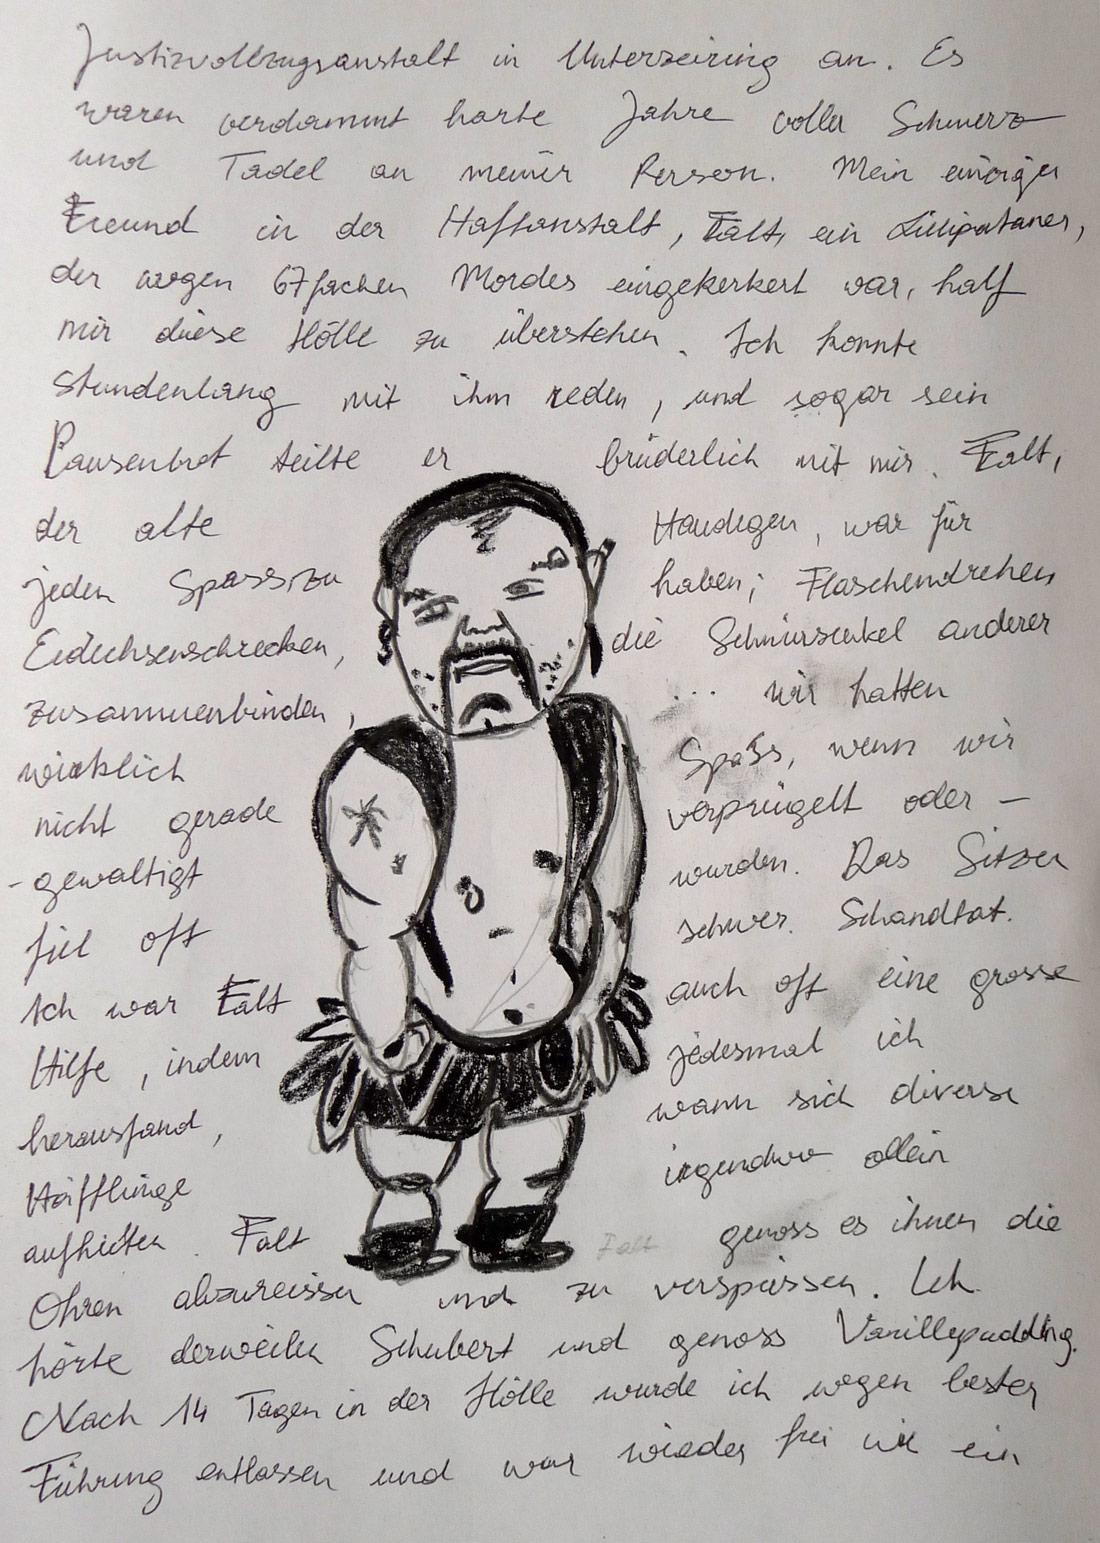 Tagebuch eines Irren #26